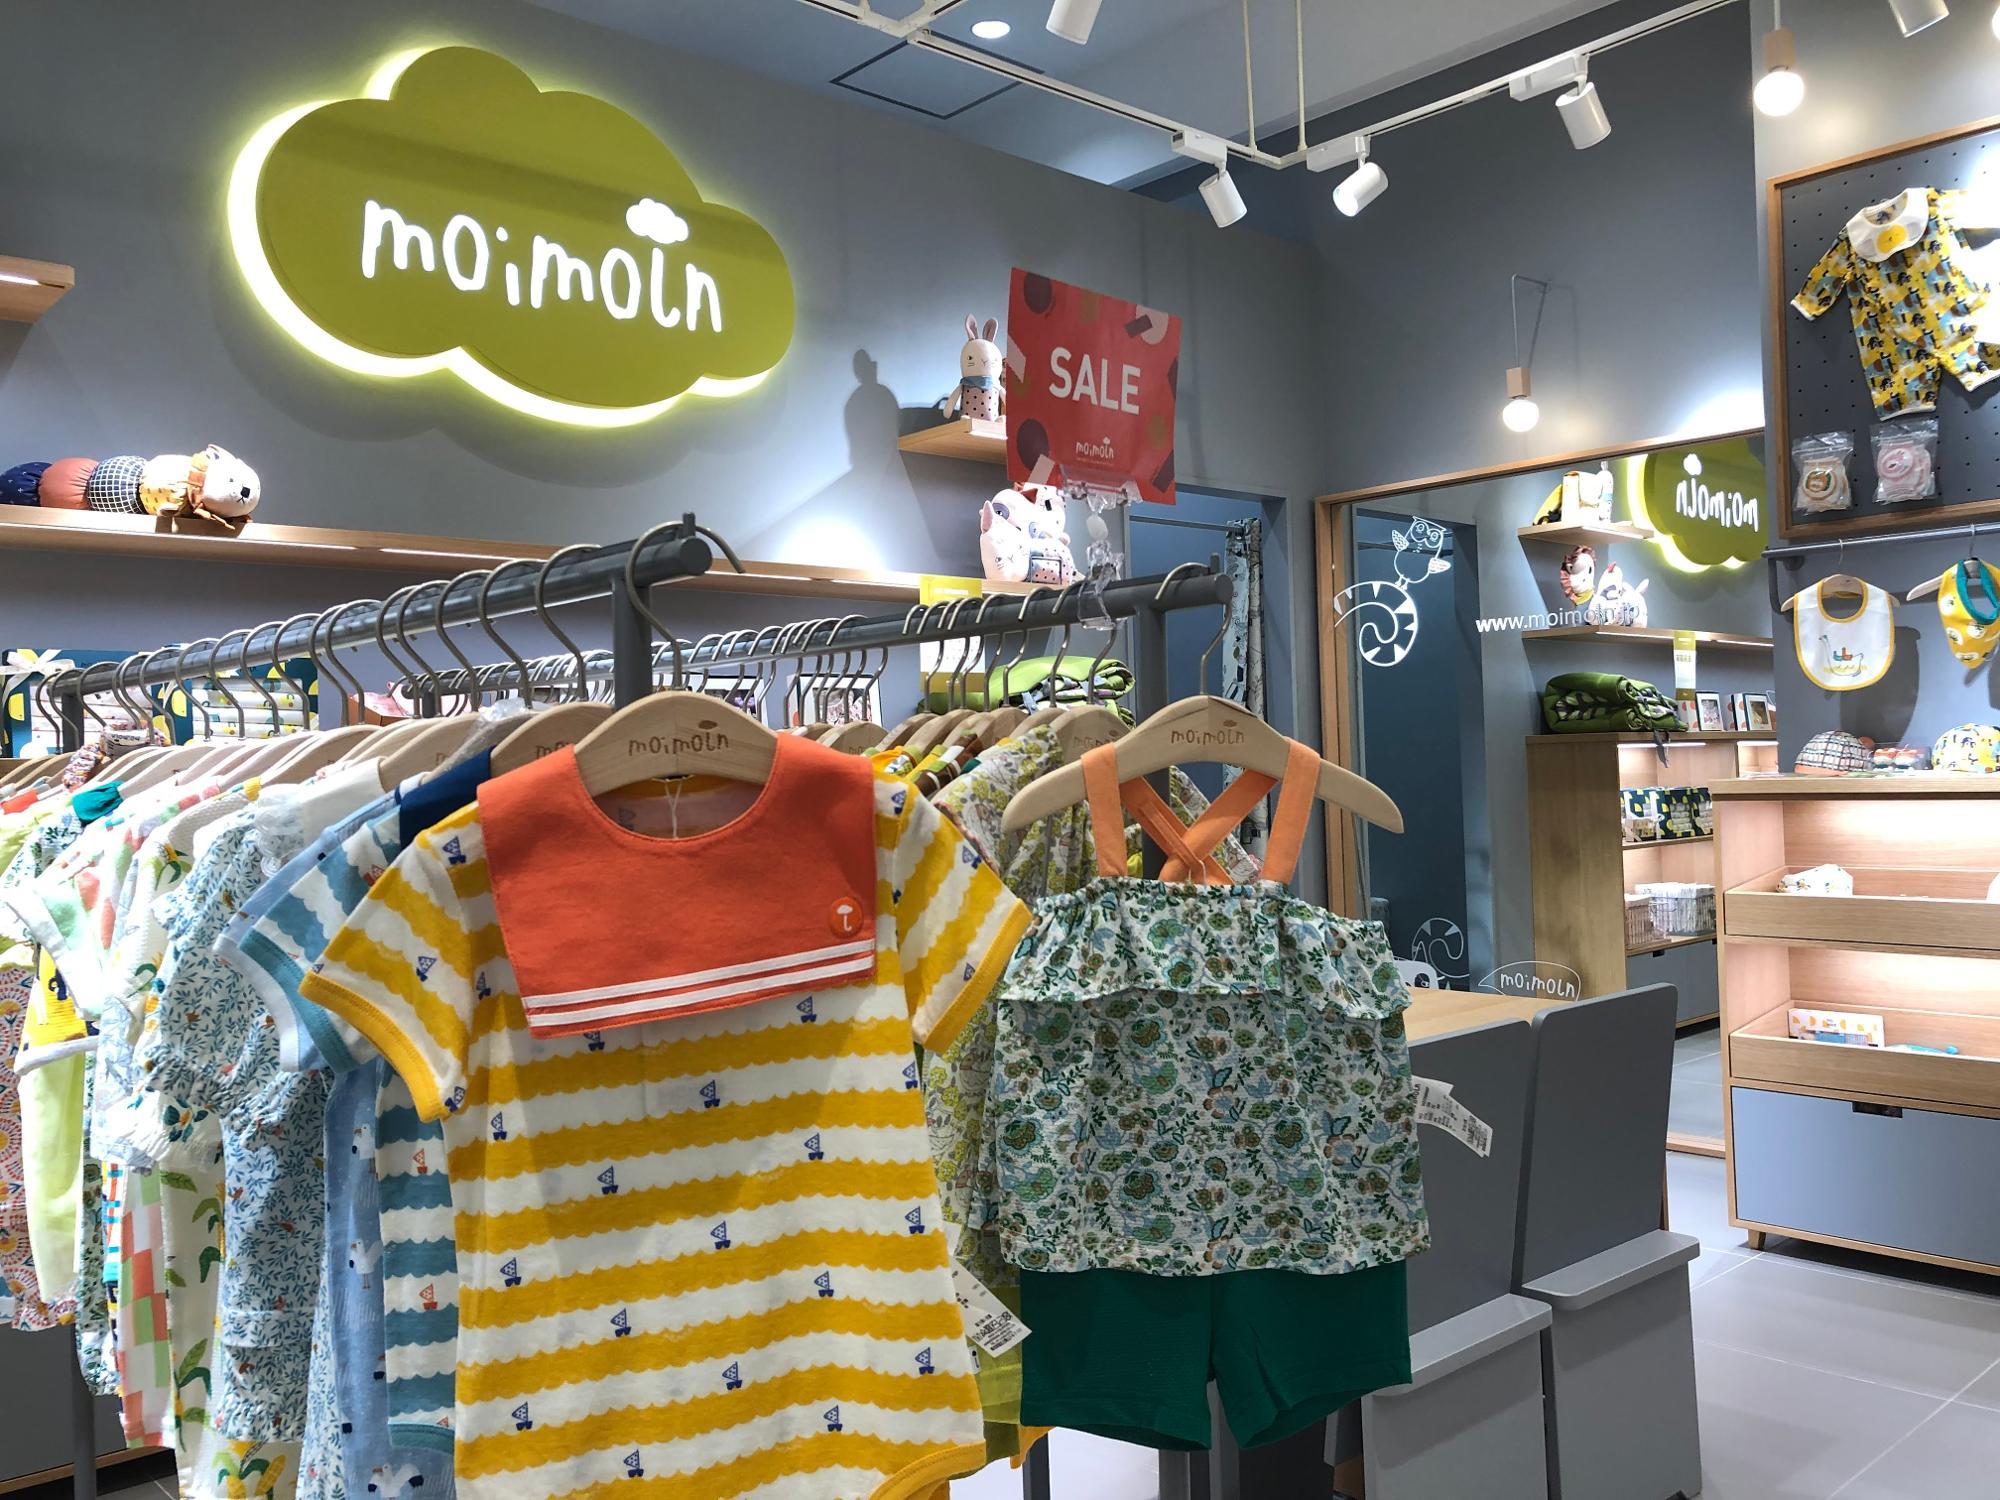 めっちゃかわいい子供服、現在セールになってるものも多くて、お買い得!